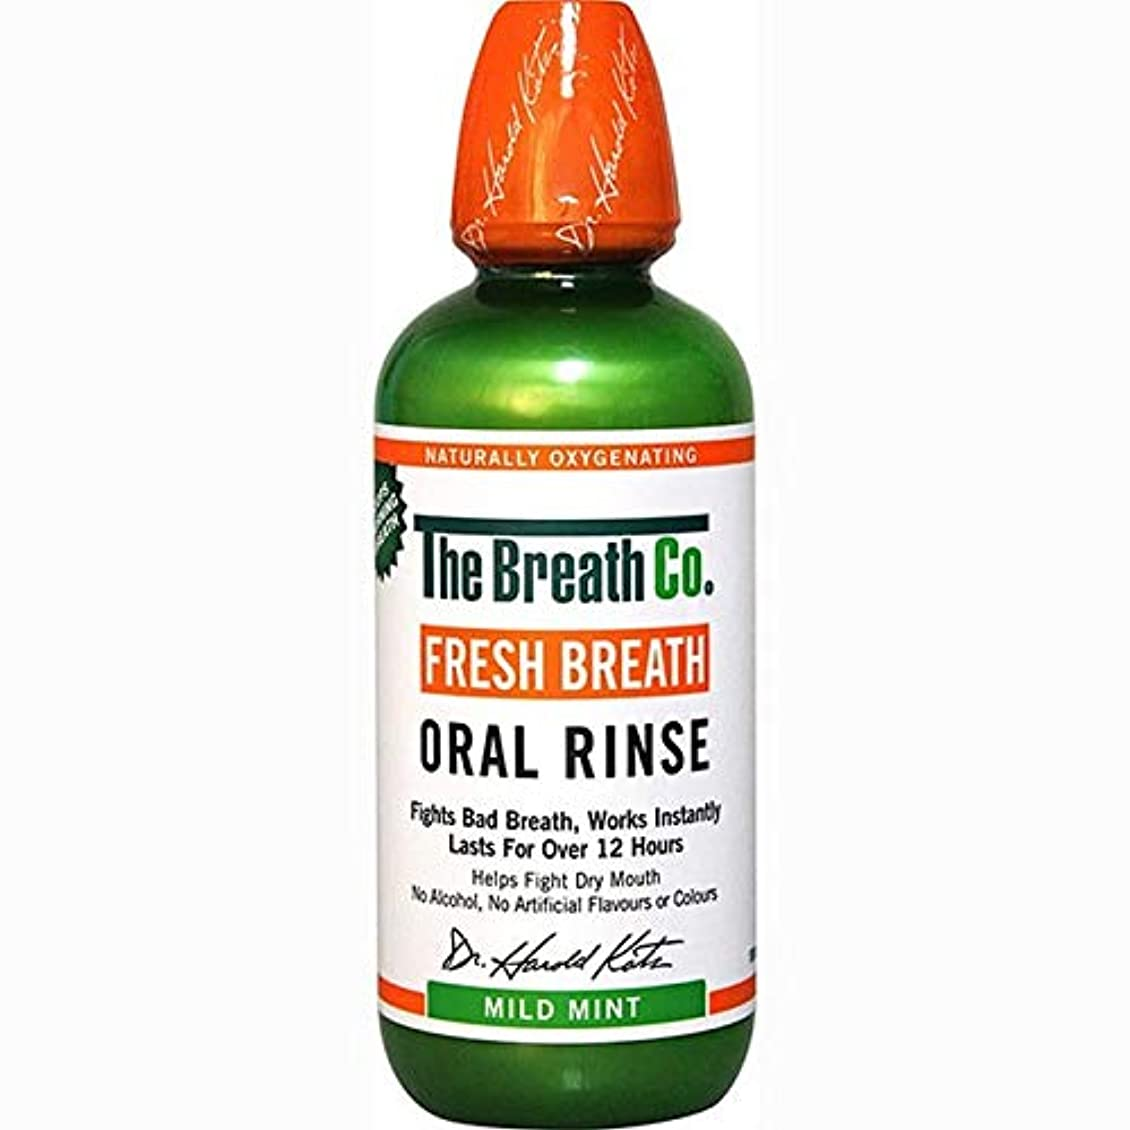 流レッスン操作[The Breath Co] 息のCo新鮮な息口腔リンスマイルドミント500ミリリットル - The Breath Co Fresh Breath Oral Rinse Mild Mint 500ml [並行輸入品]